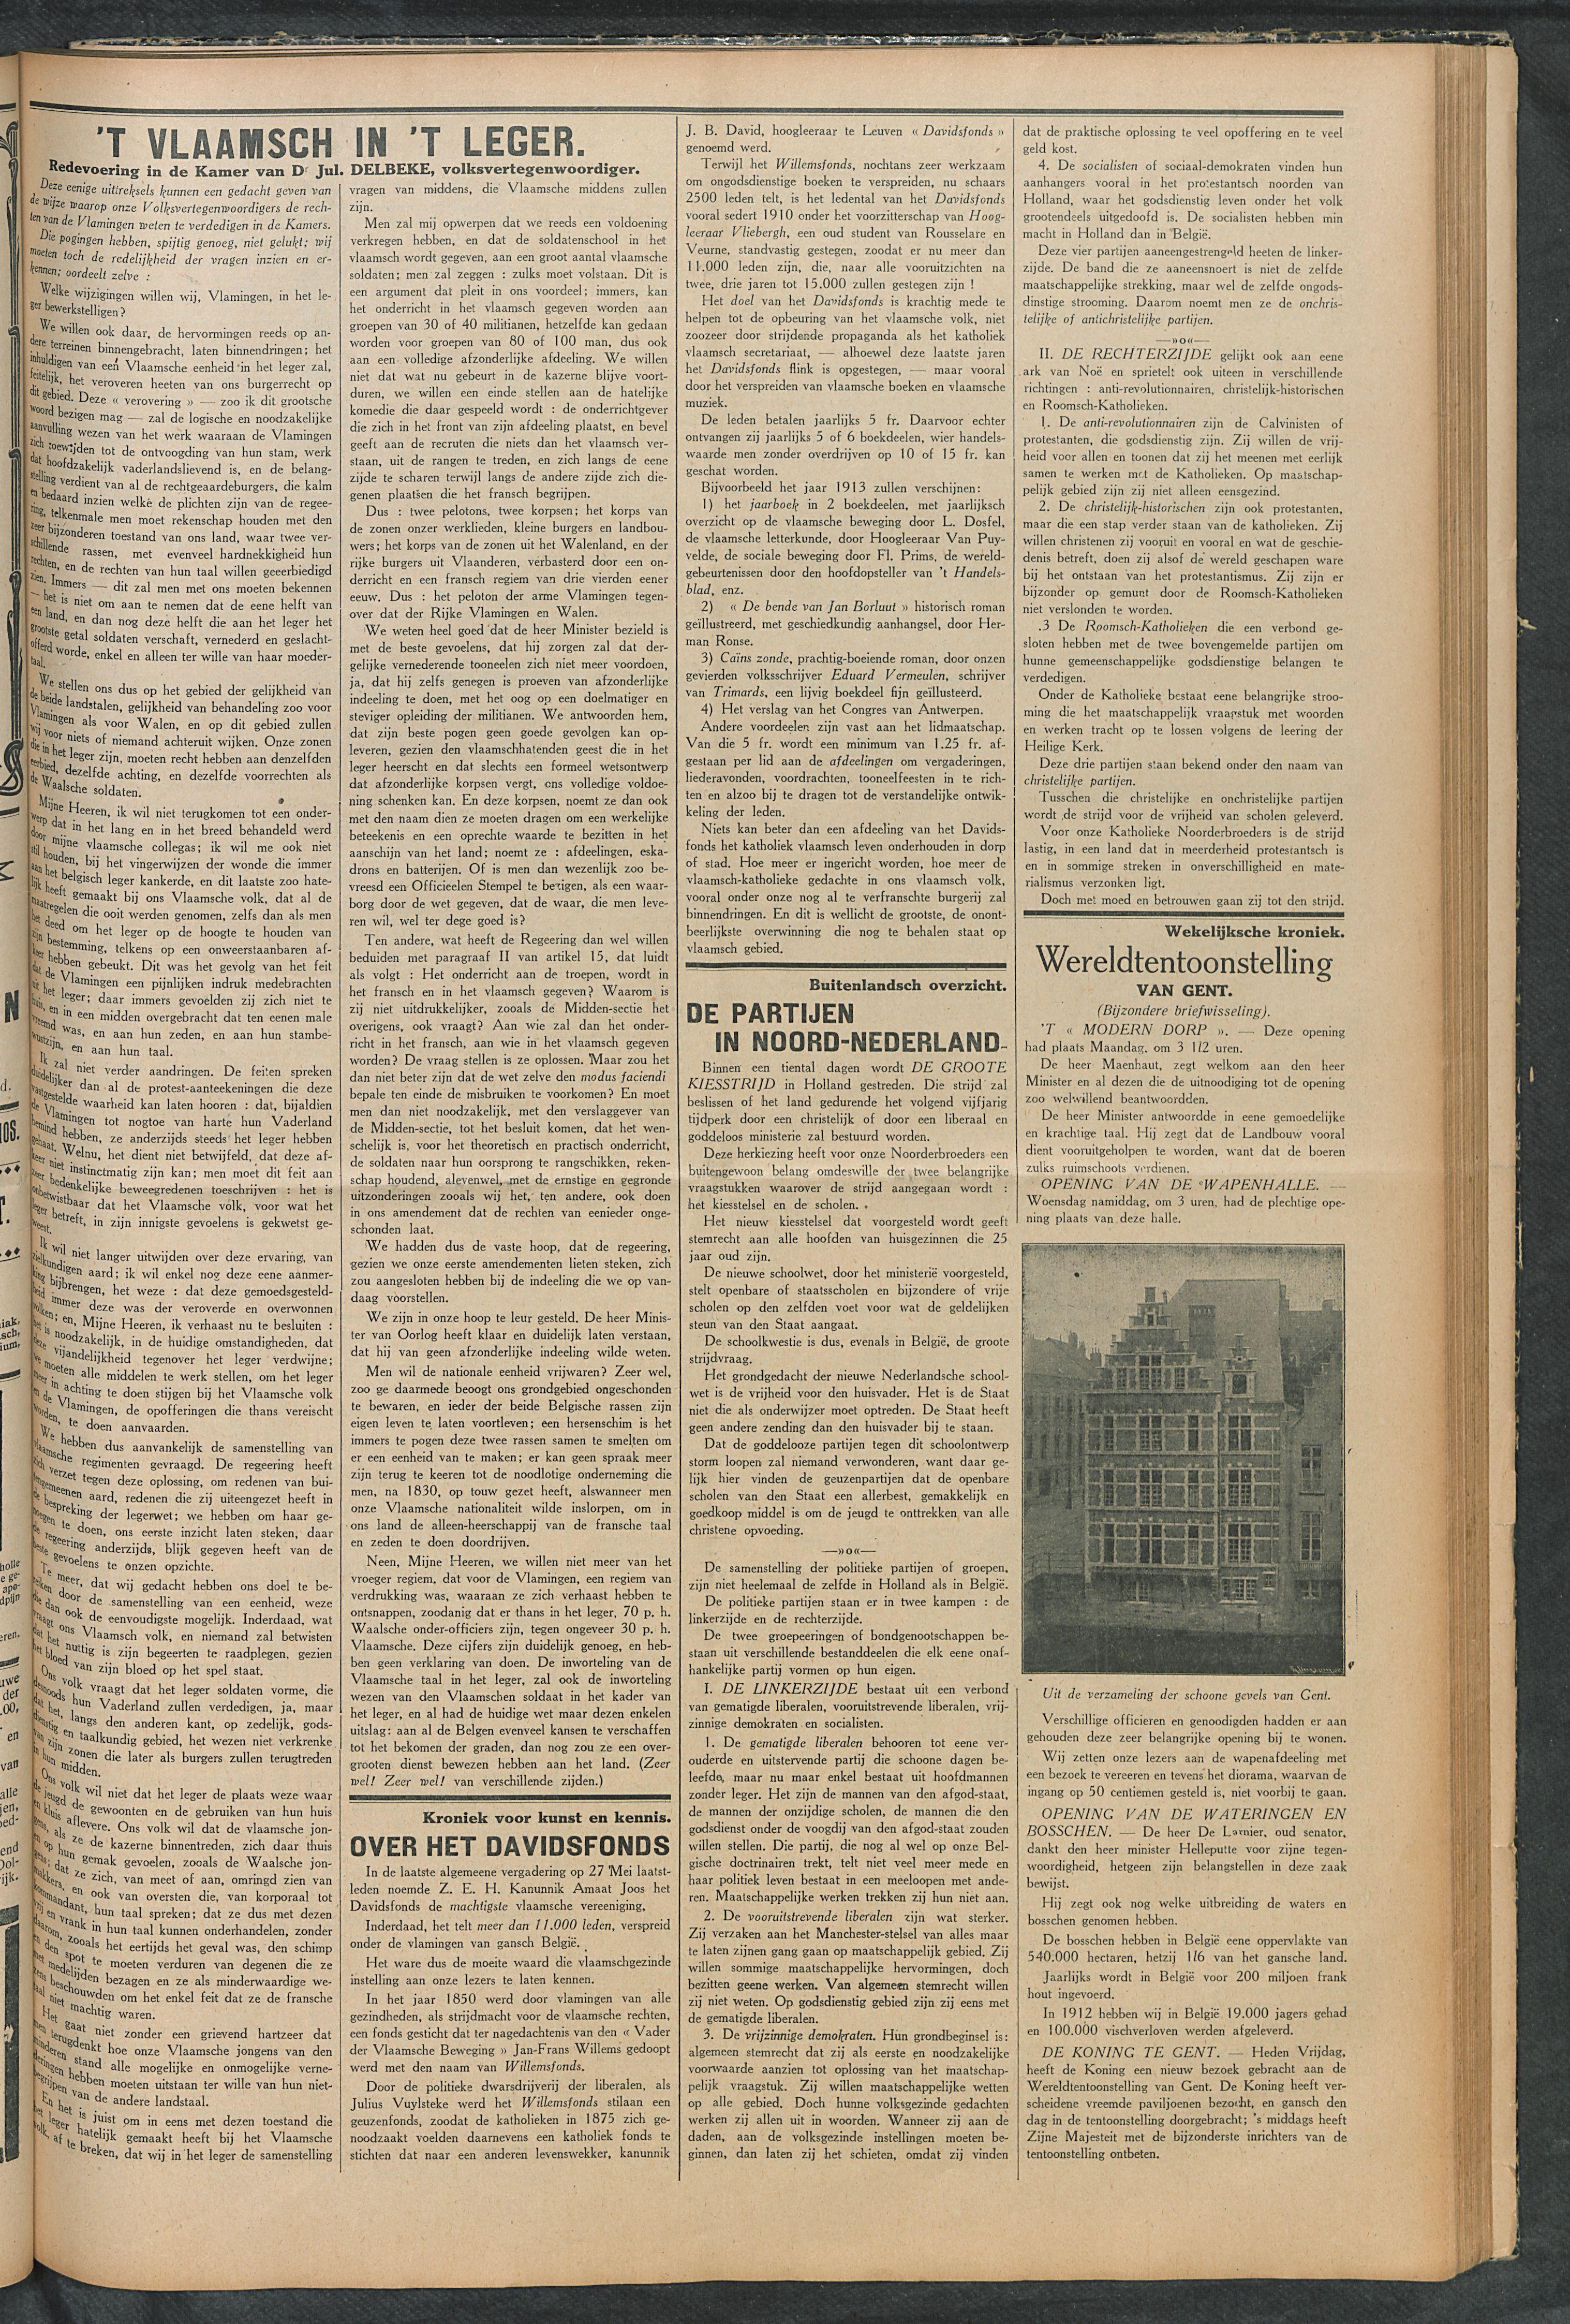 Het Kortrijksche Volk 1913-06-08 p5